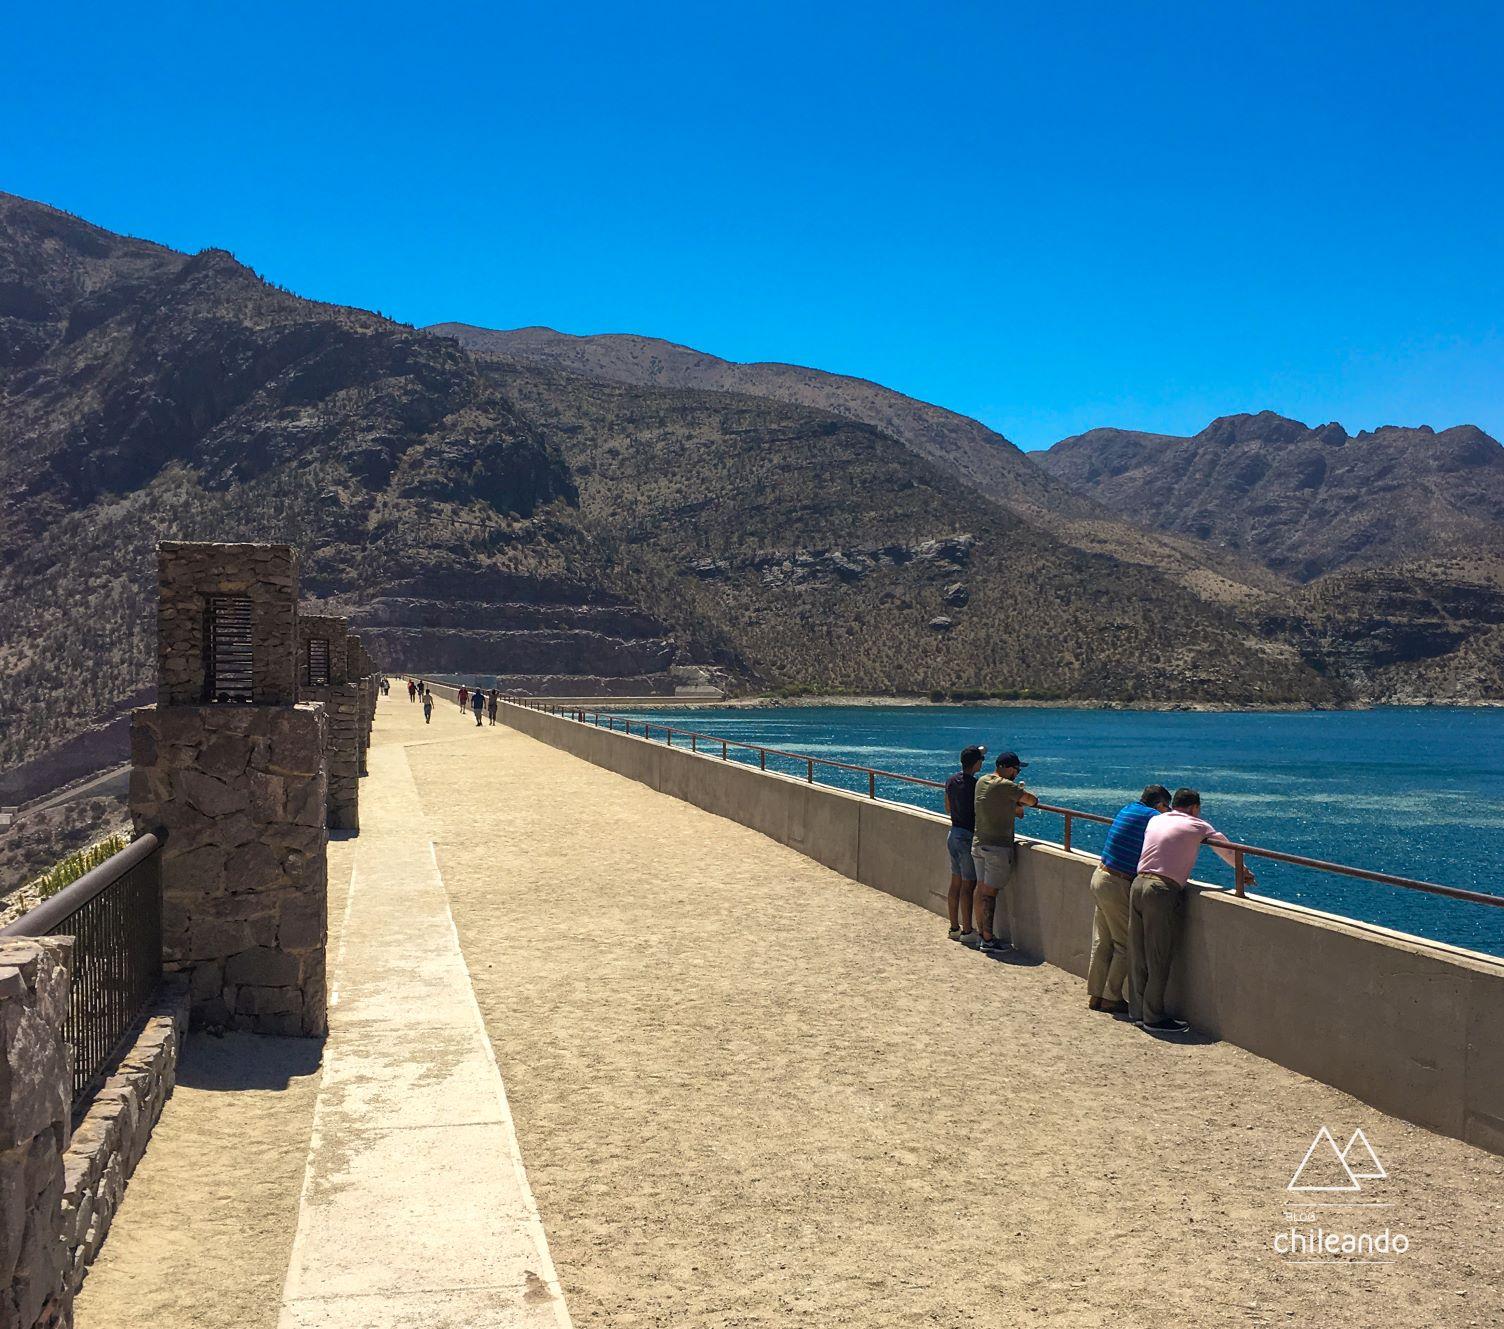 Calçadão  sobre a barragem Puclaro. De um lado vale e de outro represa